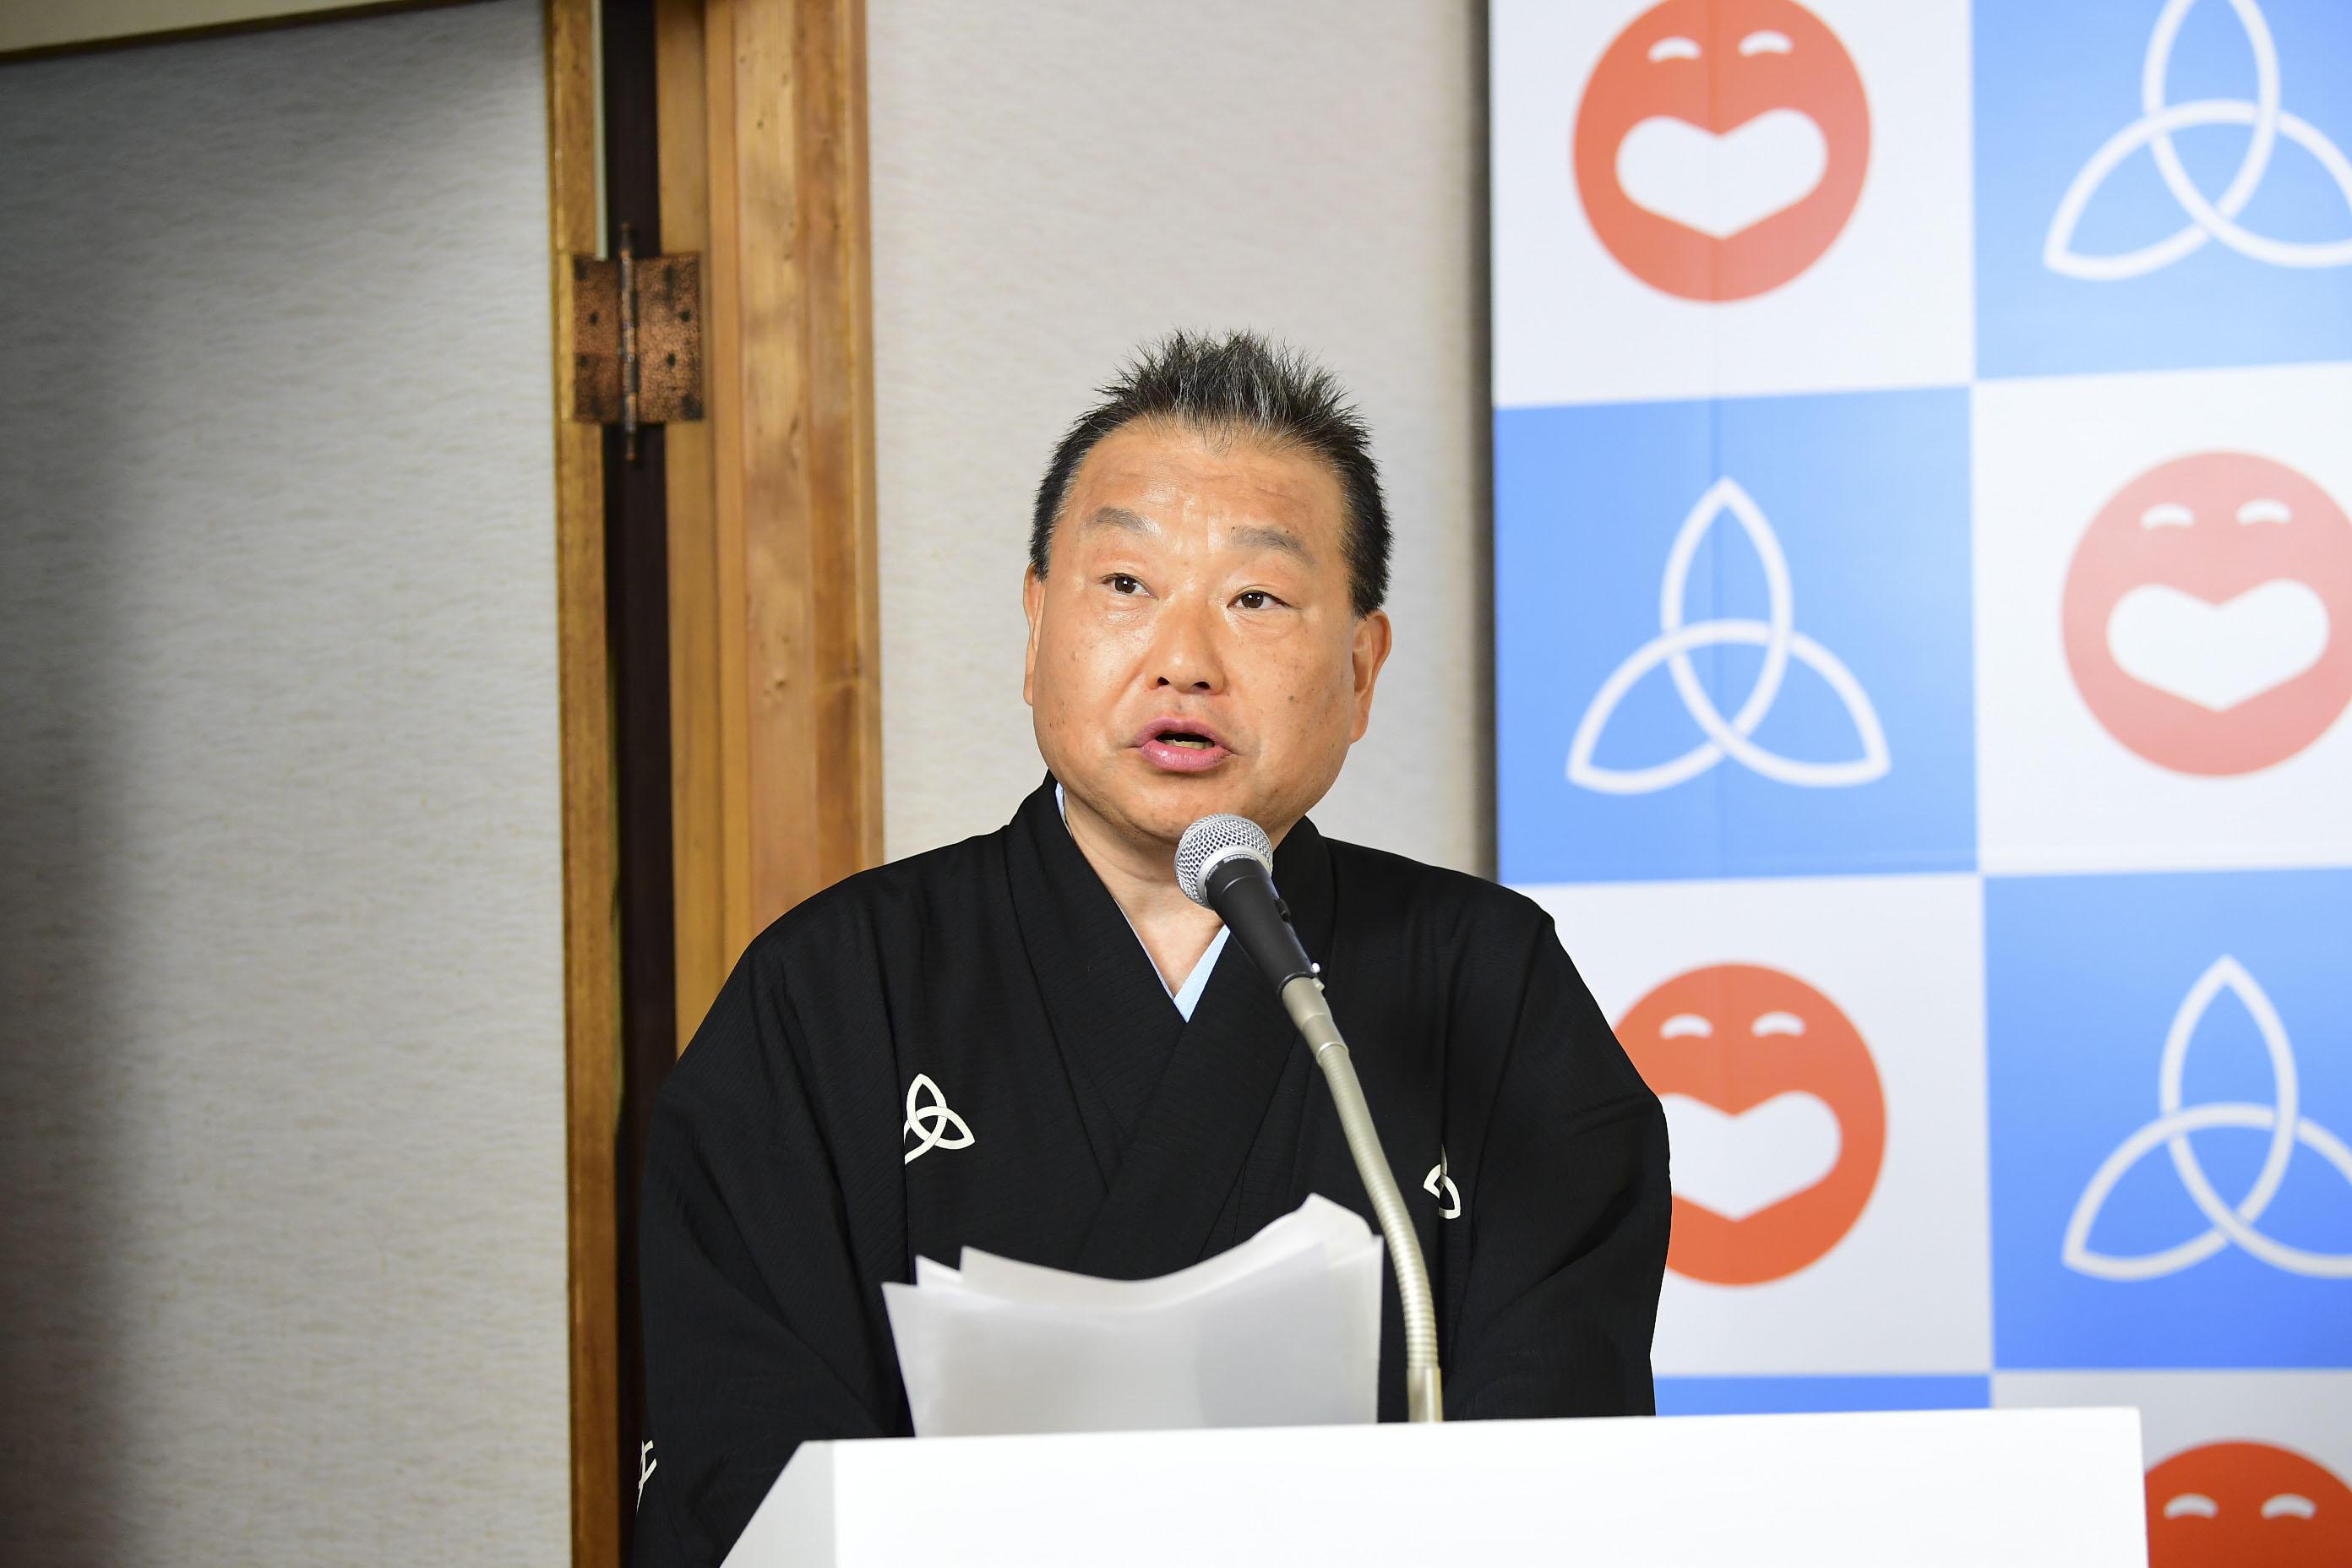 http://news.yoshimoto.co.jp/20170904165112-dbb7d4b108f76a6bd0712f999842507c1ab04cf4.jpg